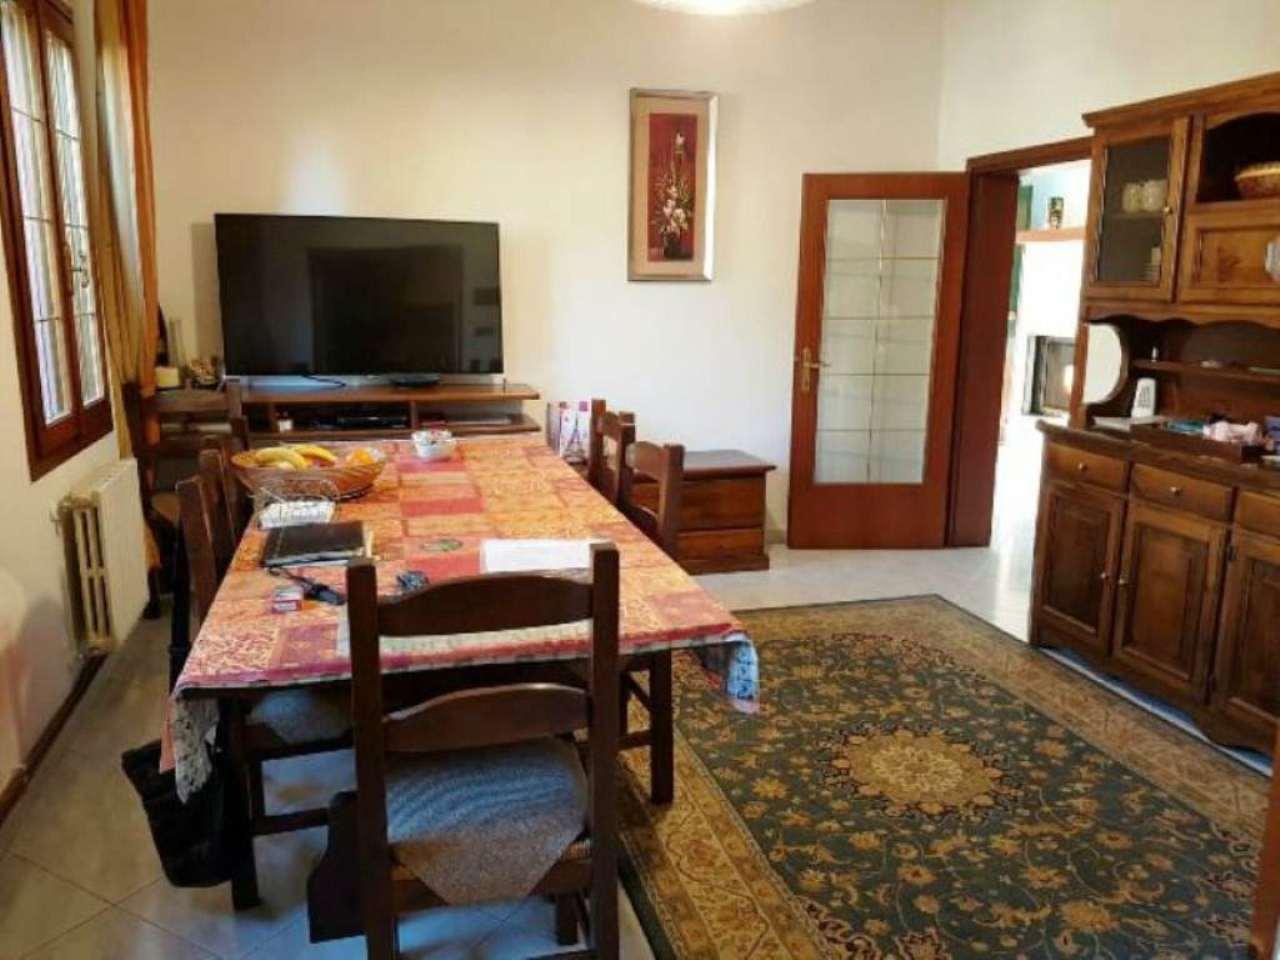 Soluzione Indipendente in vendita a Santa Maria di Sala, 5 locali, prezzo € 198.000 | Cambio Casa.it